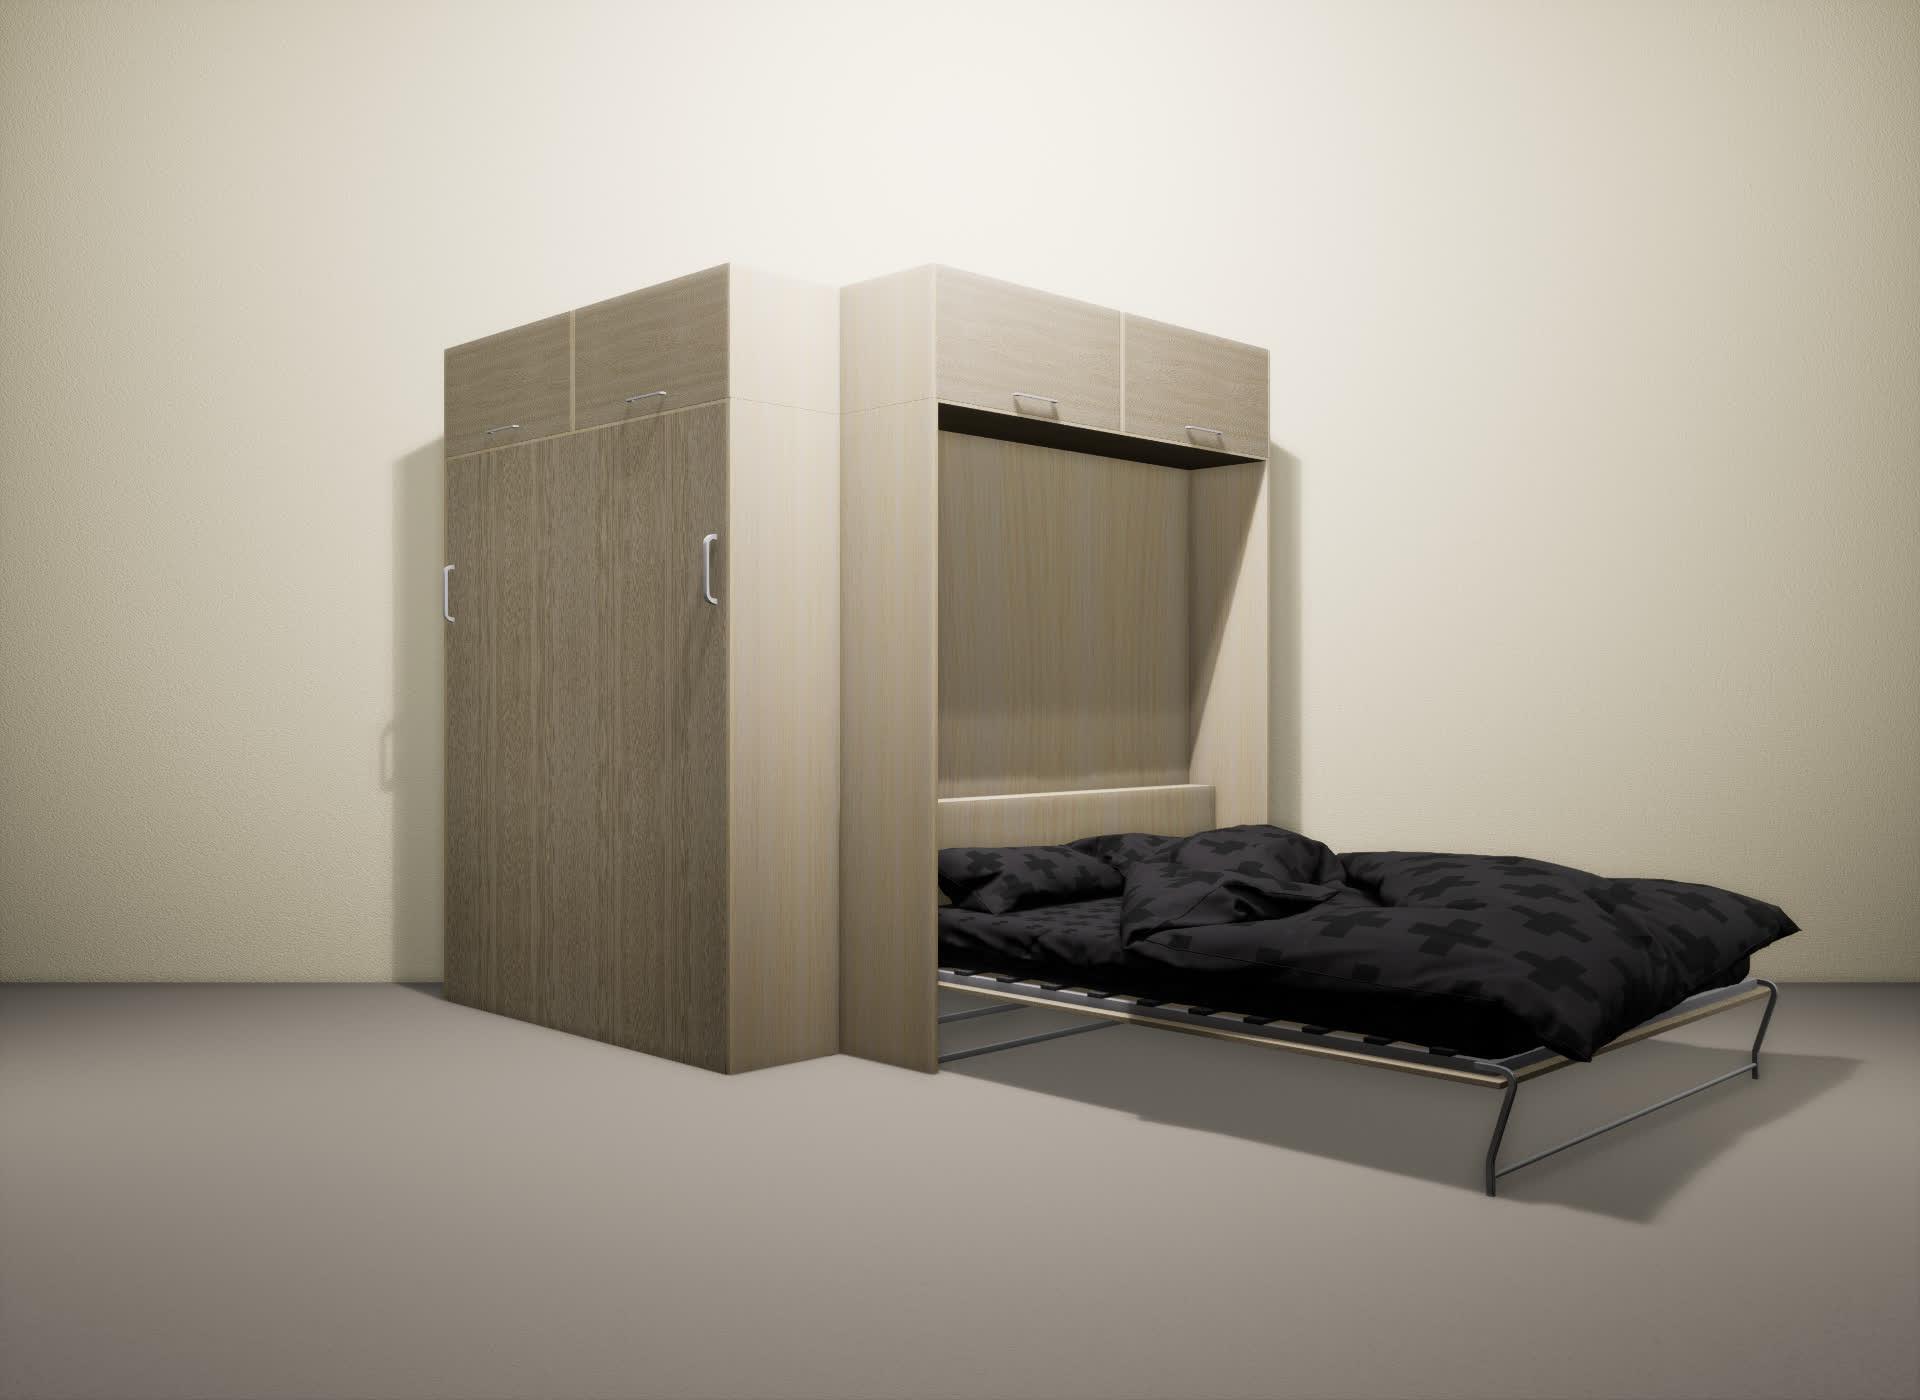 Шкаф-кровать SMART HOME Альфа молочный дуб/ясень